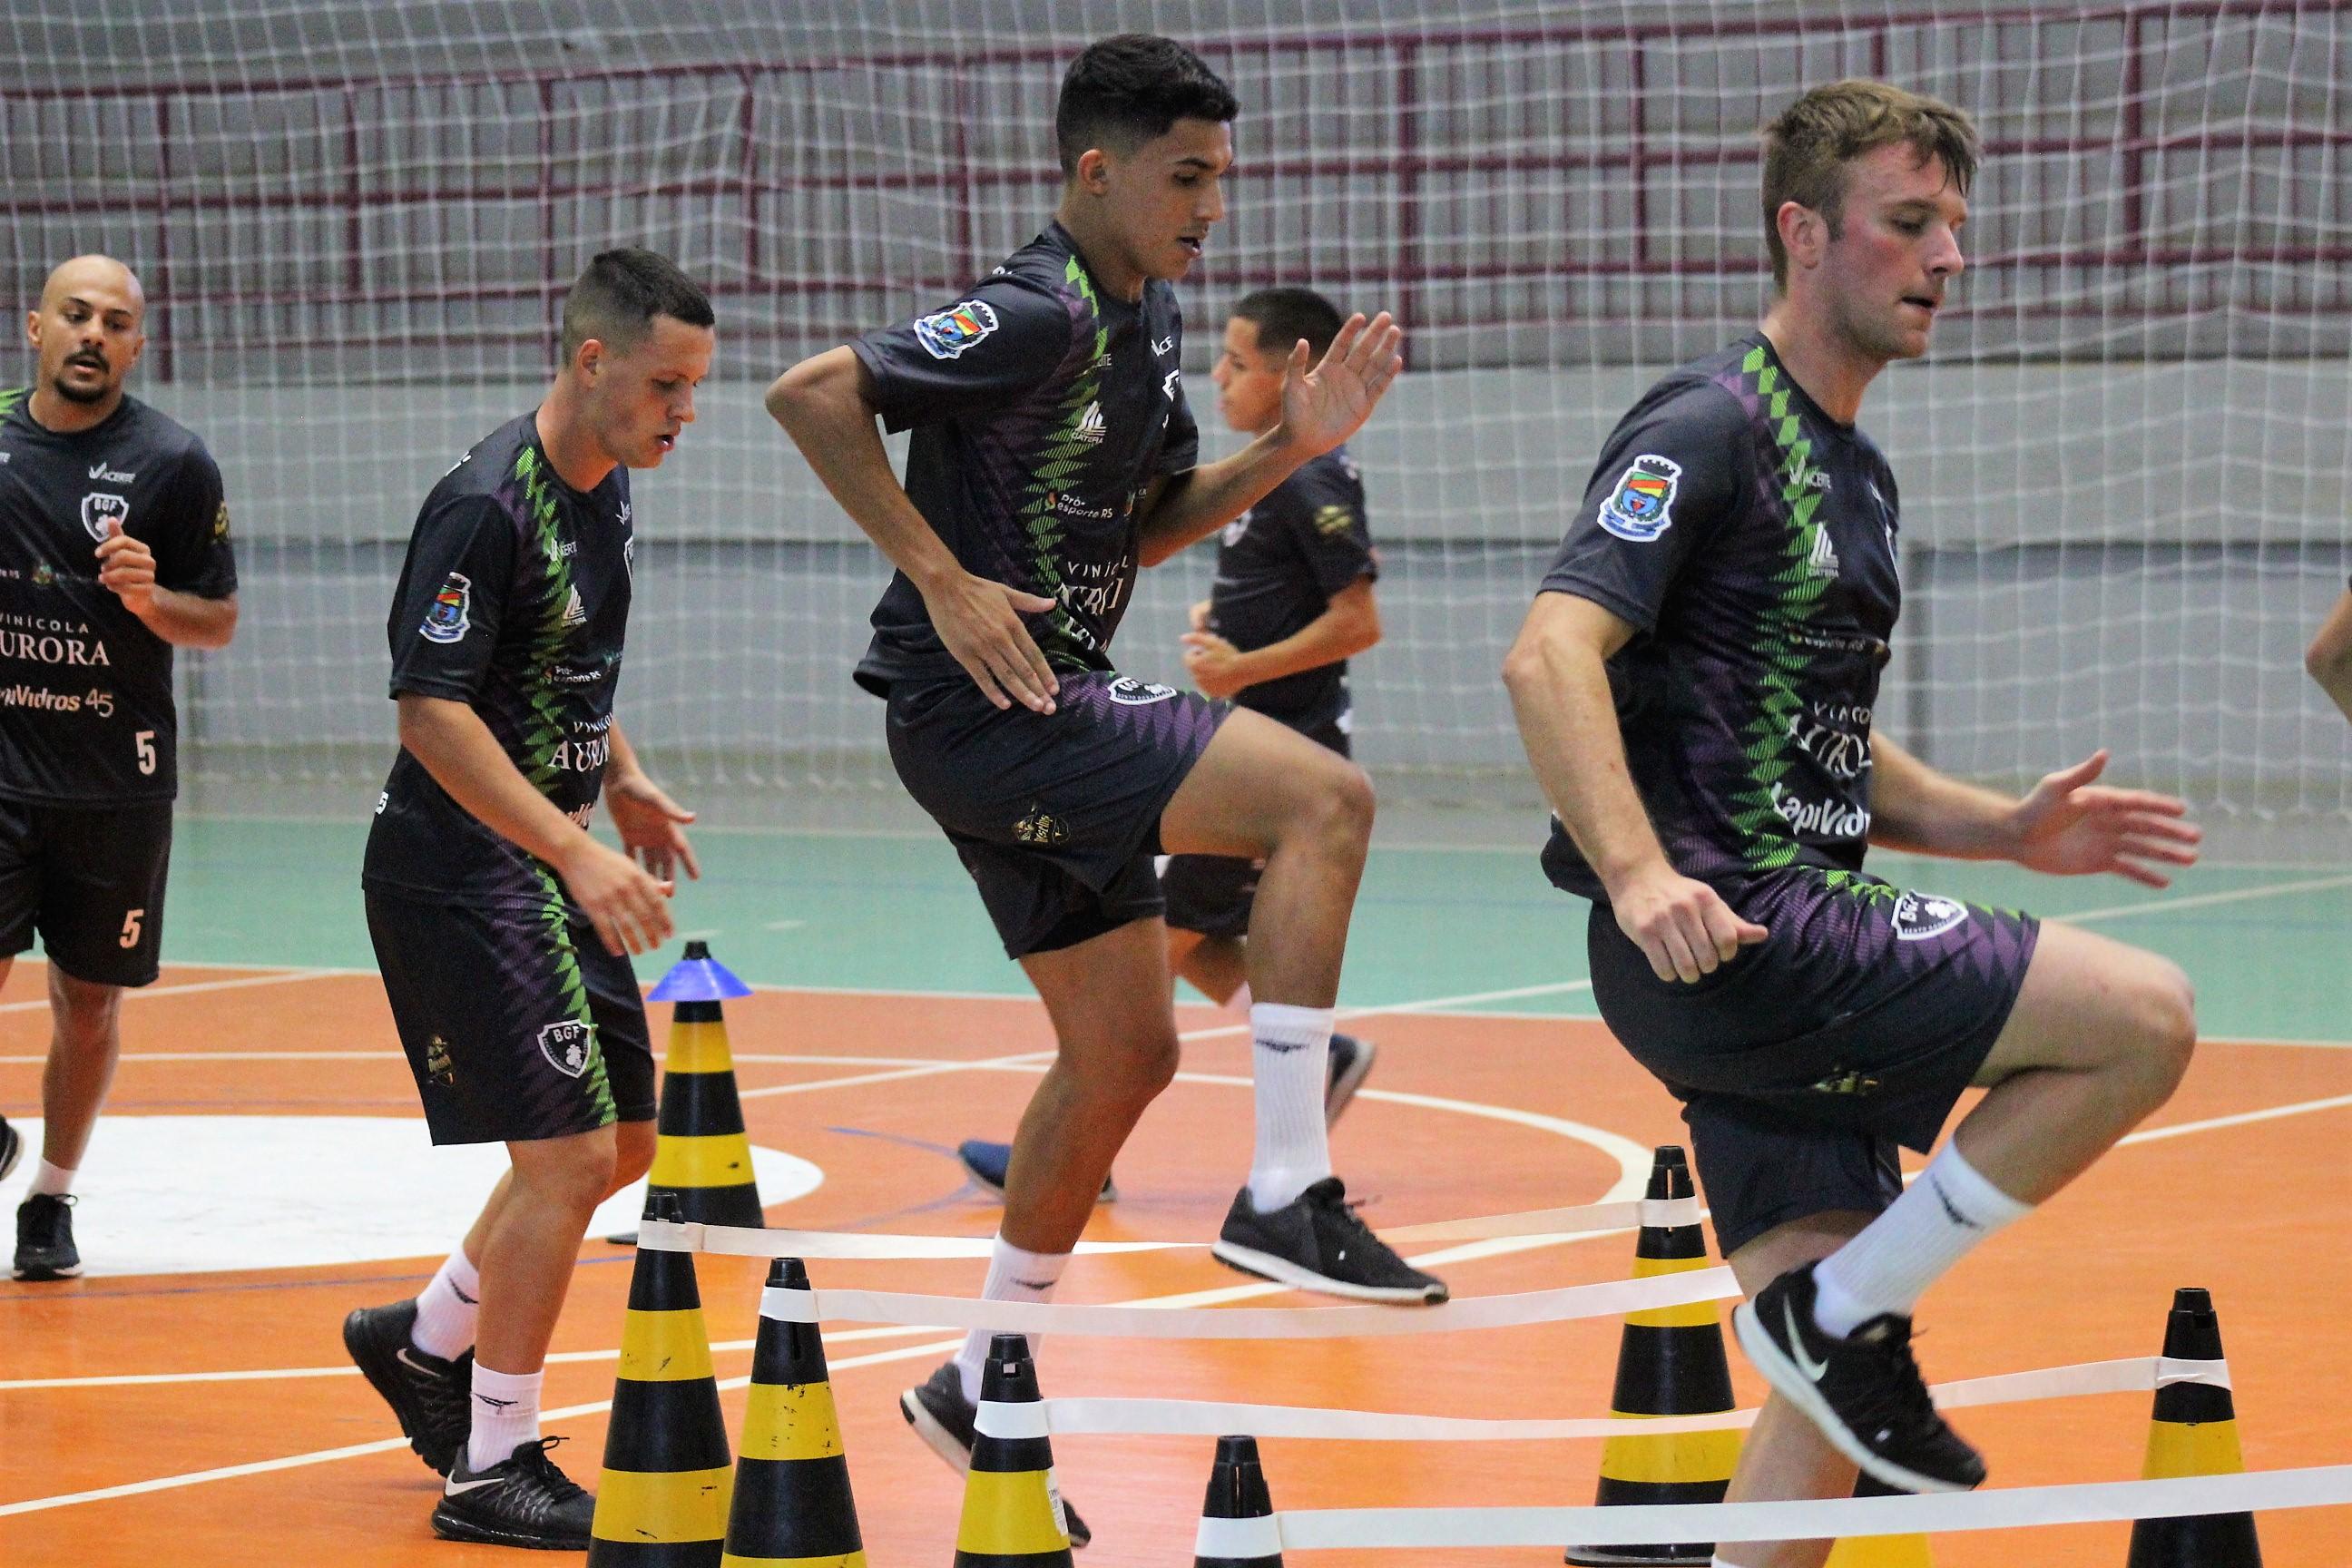 BGF inicia a pré-temporada com trabalhos voltados à preparação física